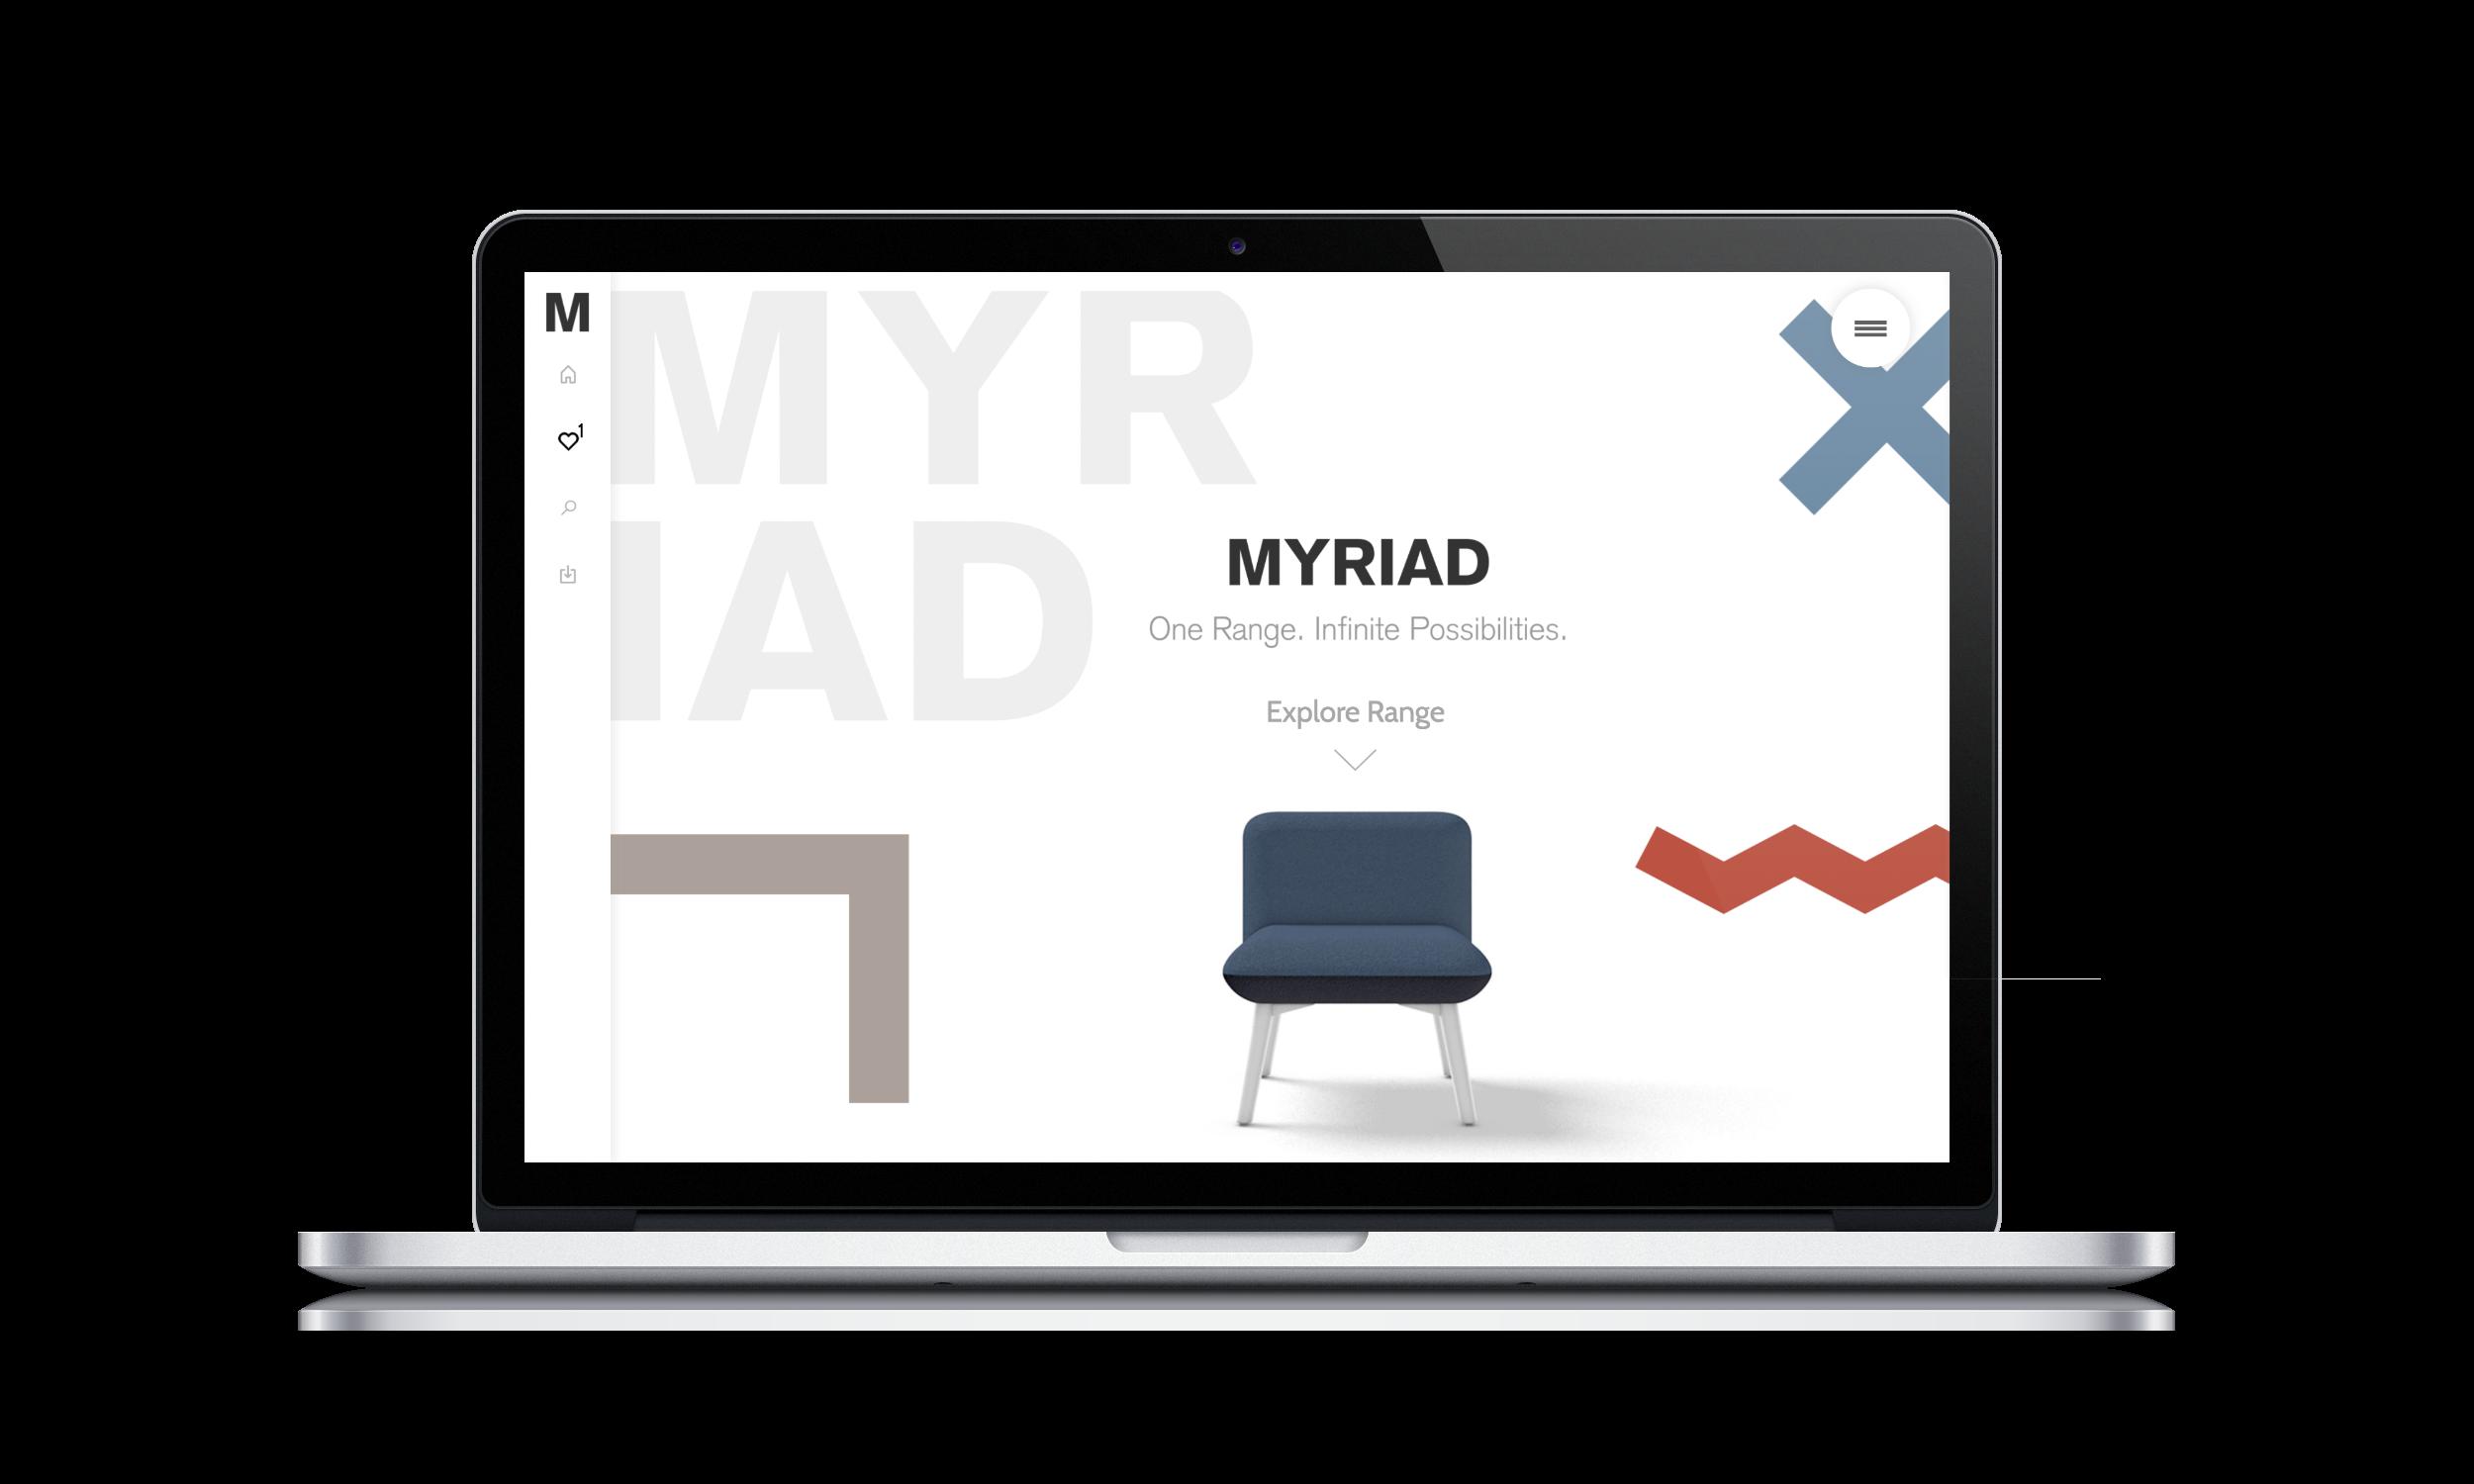 Myriad microsite